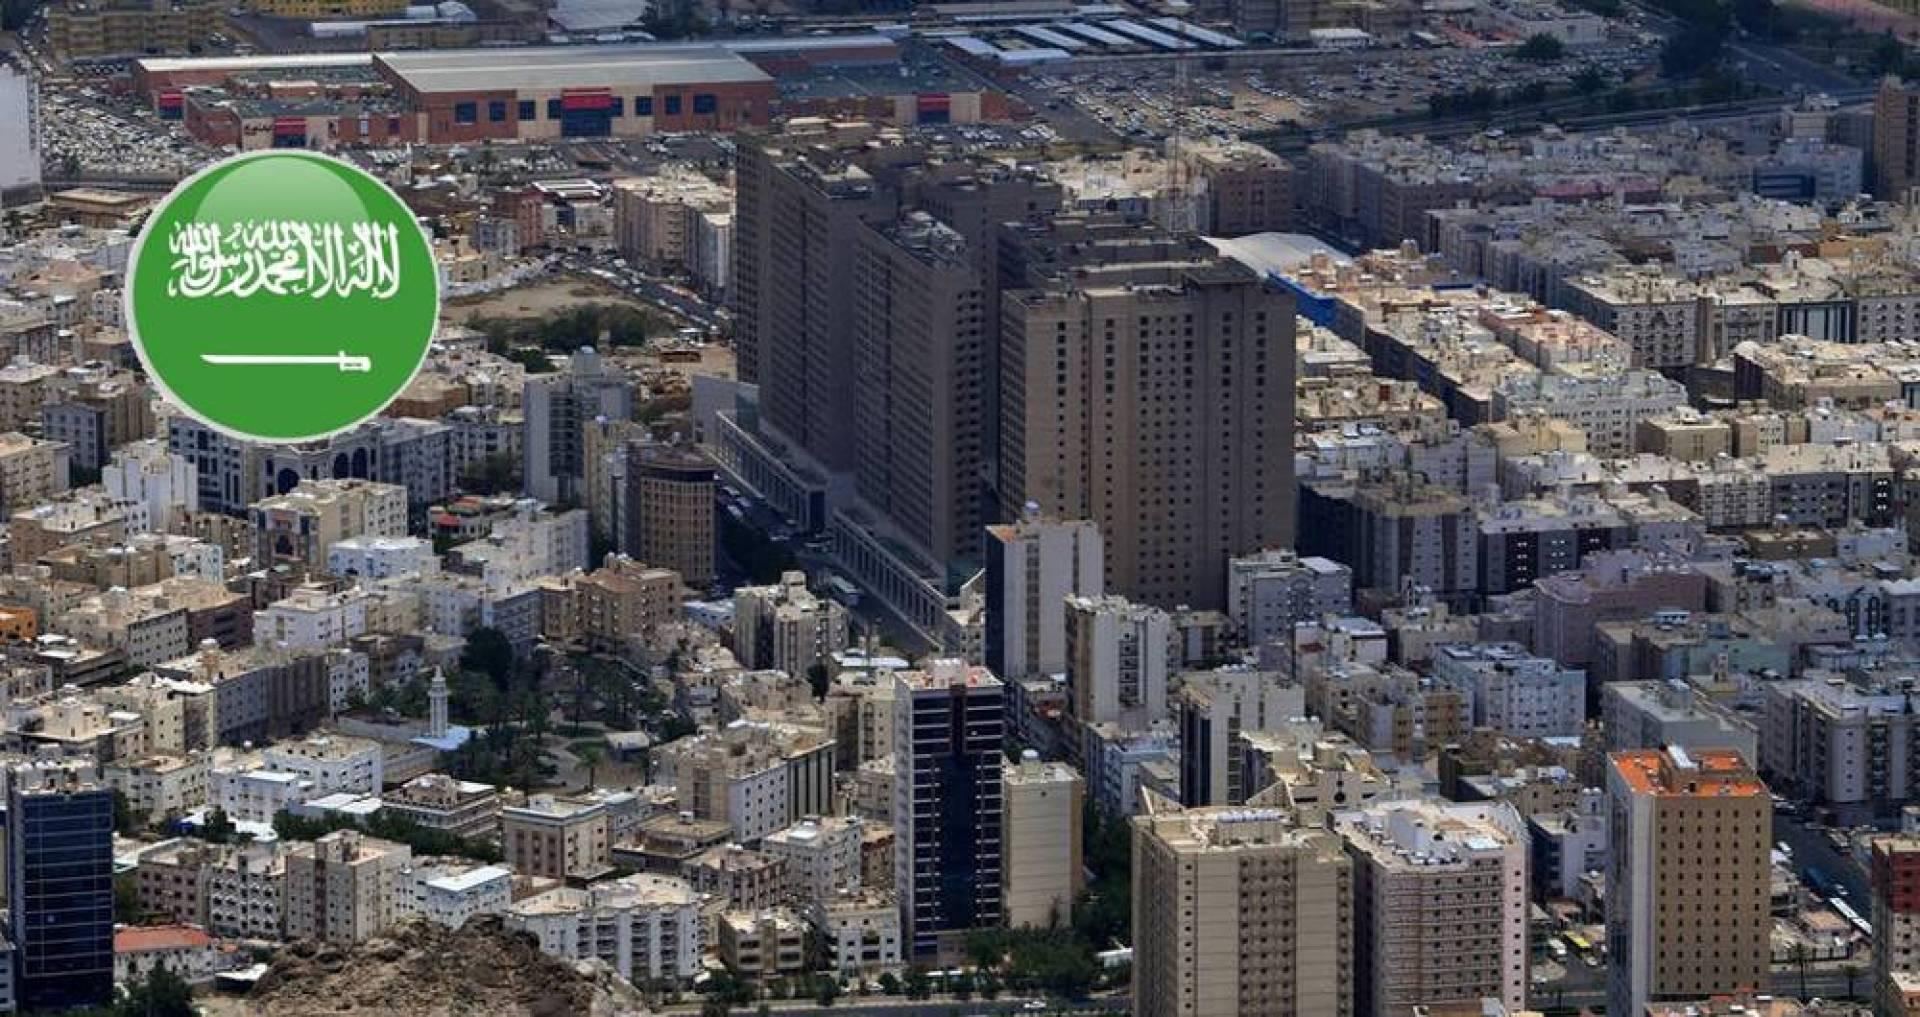 السعودية: فرض حظر التجوال في مكة والمدينة على مدى 24 ساعة